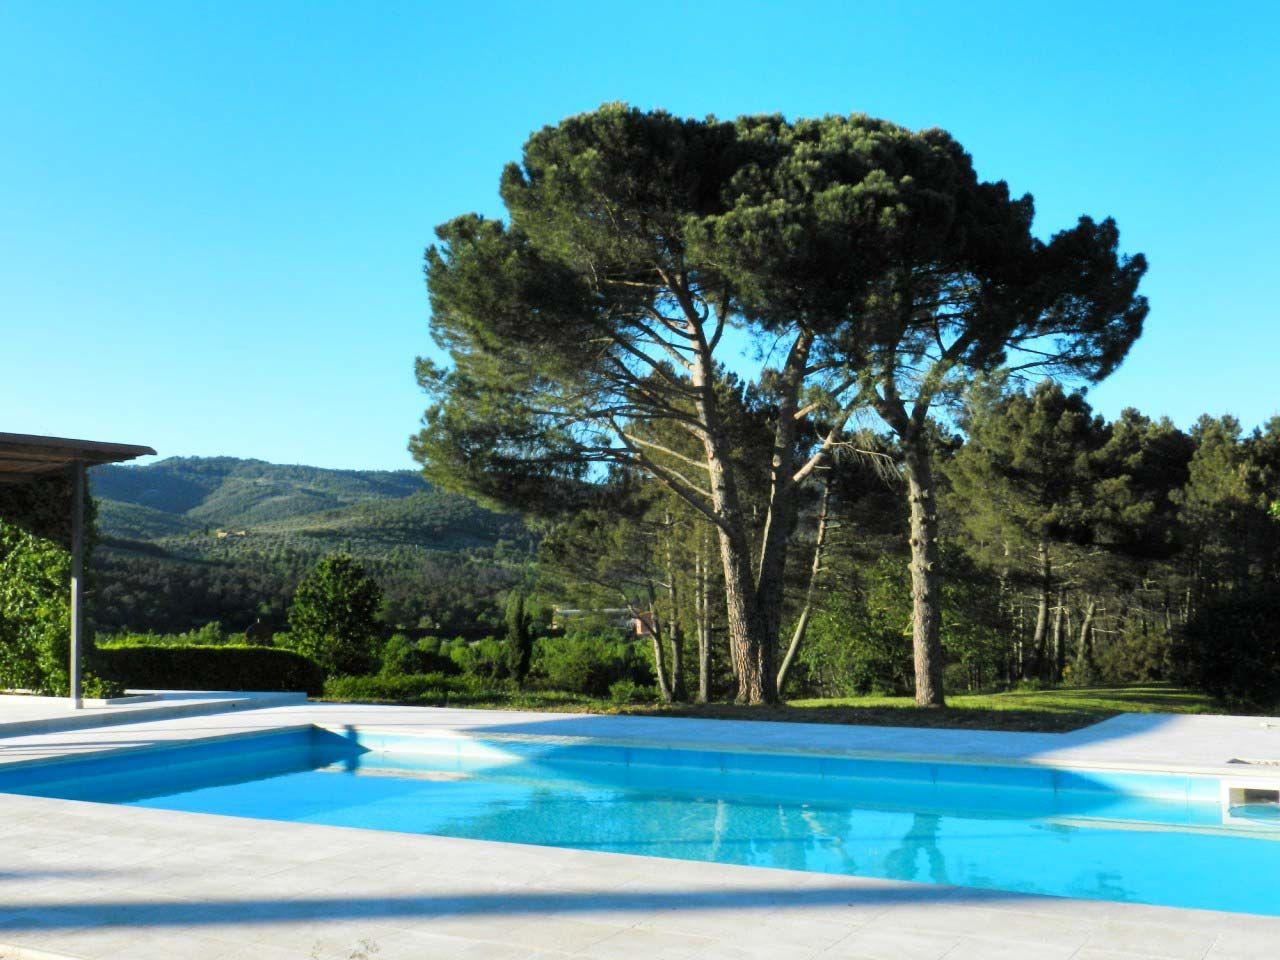 VILLA FELCIAIA près d'Arezzo.  Jusqu'à 24 personnes. http://www.destination-italie.net/appartement-location-italie-563.html